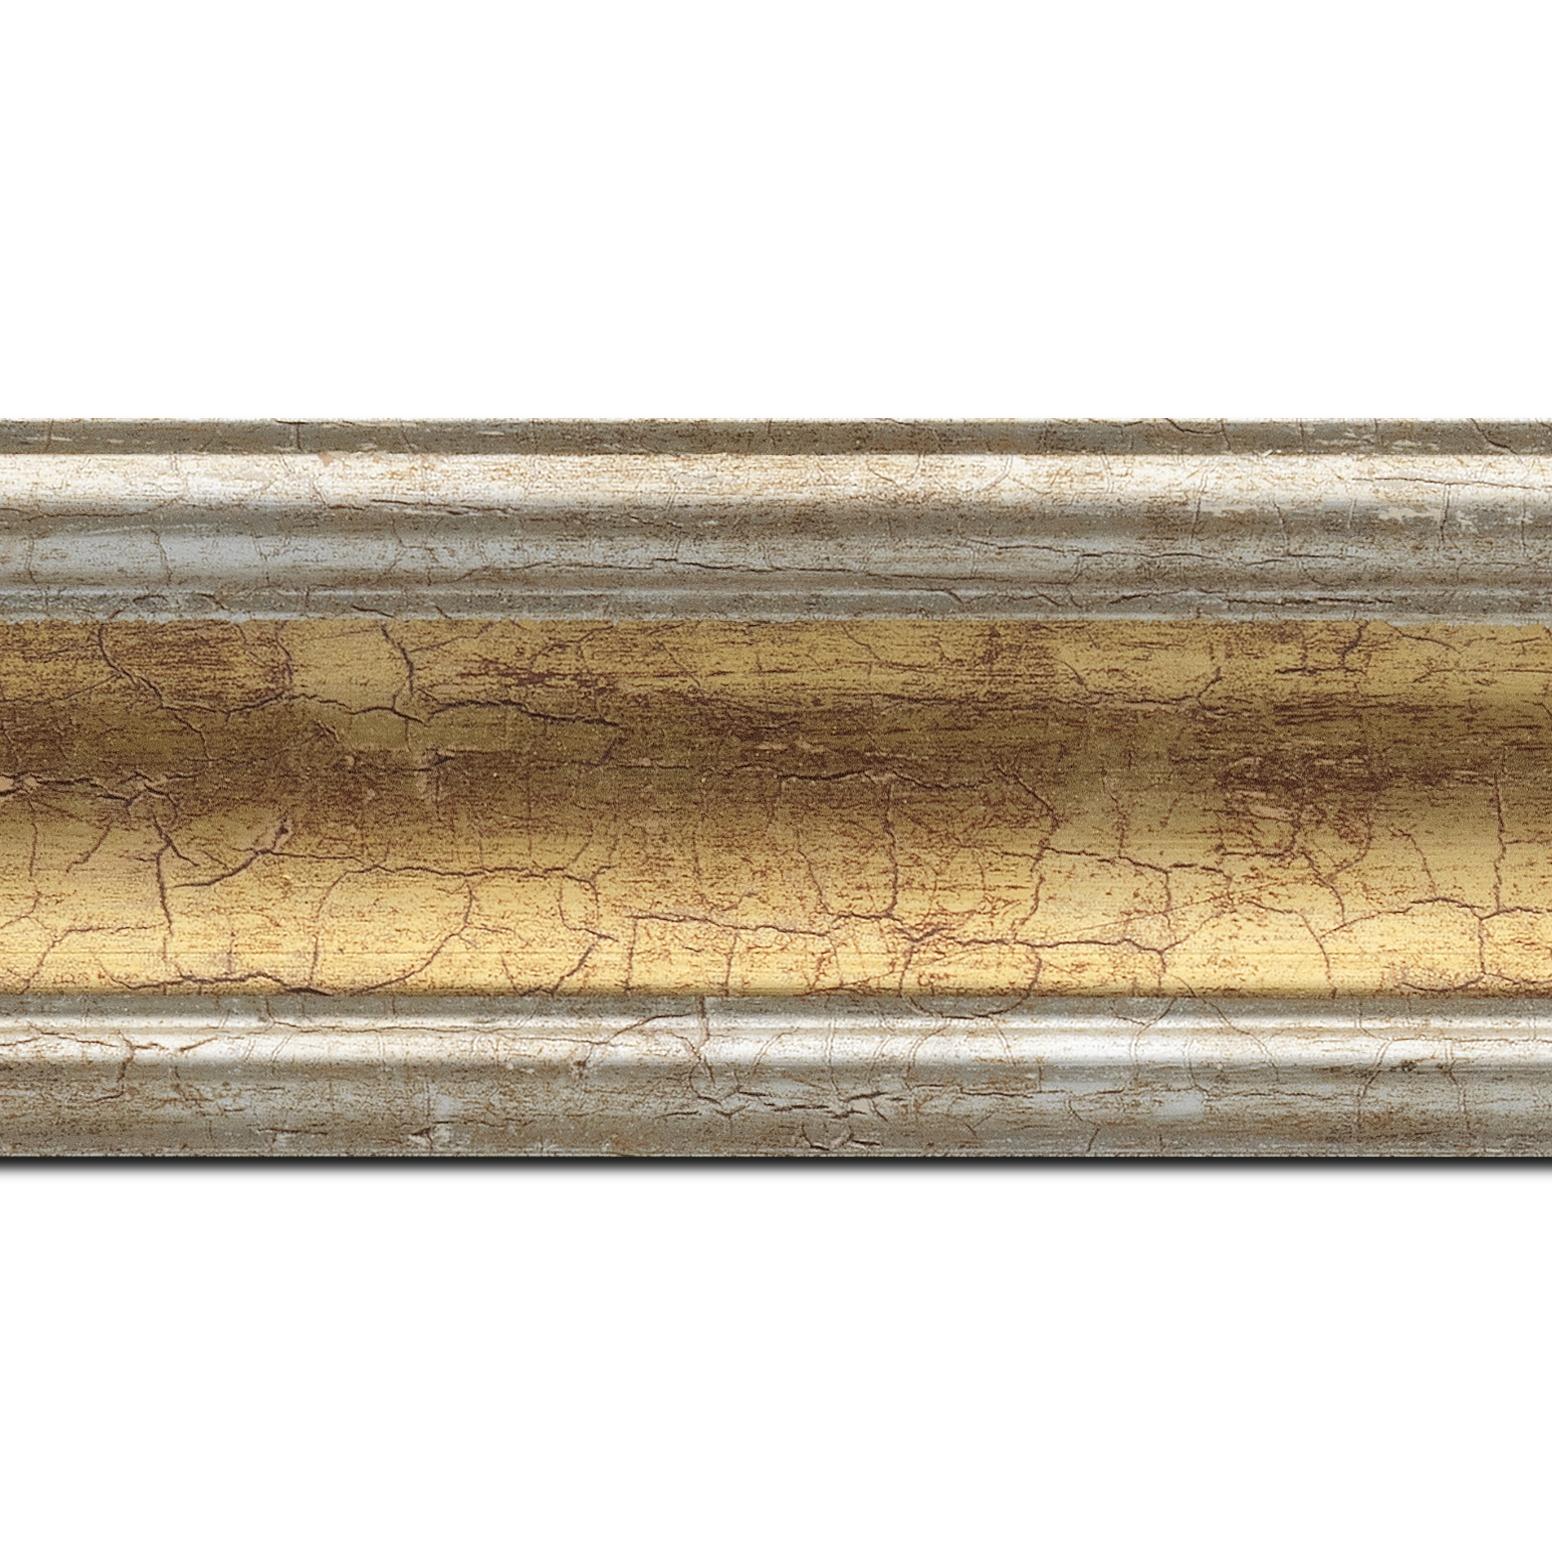 Baguette longueur 1.40m bois profil incurvé largeur 7cm gorge or craquelé bord argent chaud craquelé